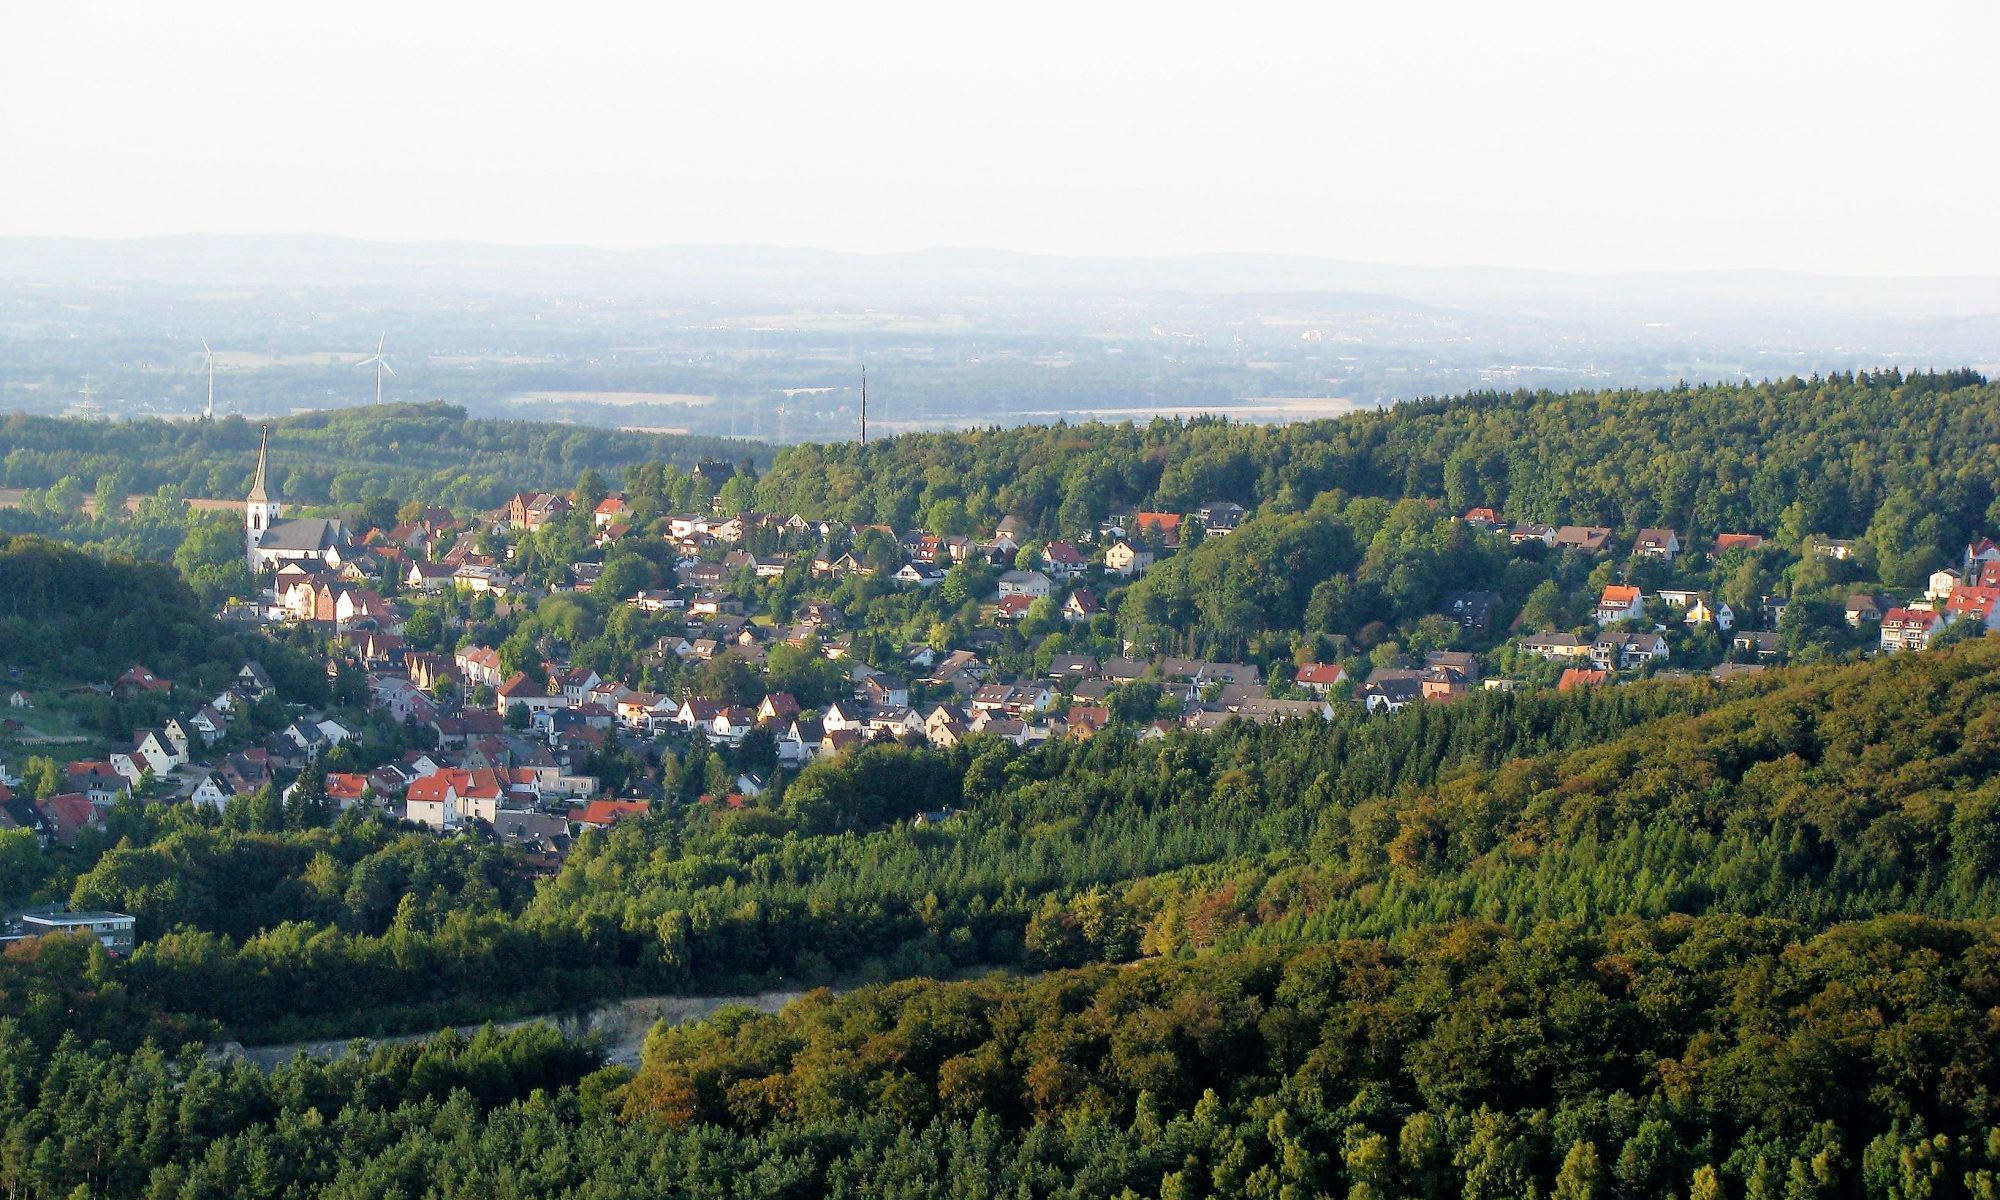 Evangelisch-reformierte Kirchengemeinde Oerlinghausen